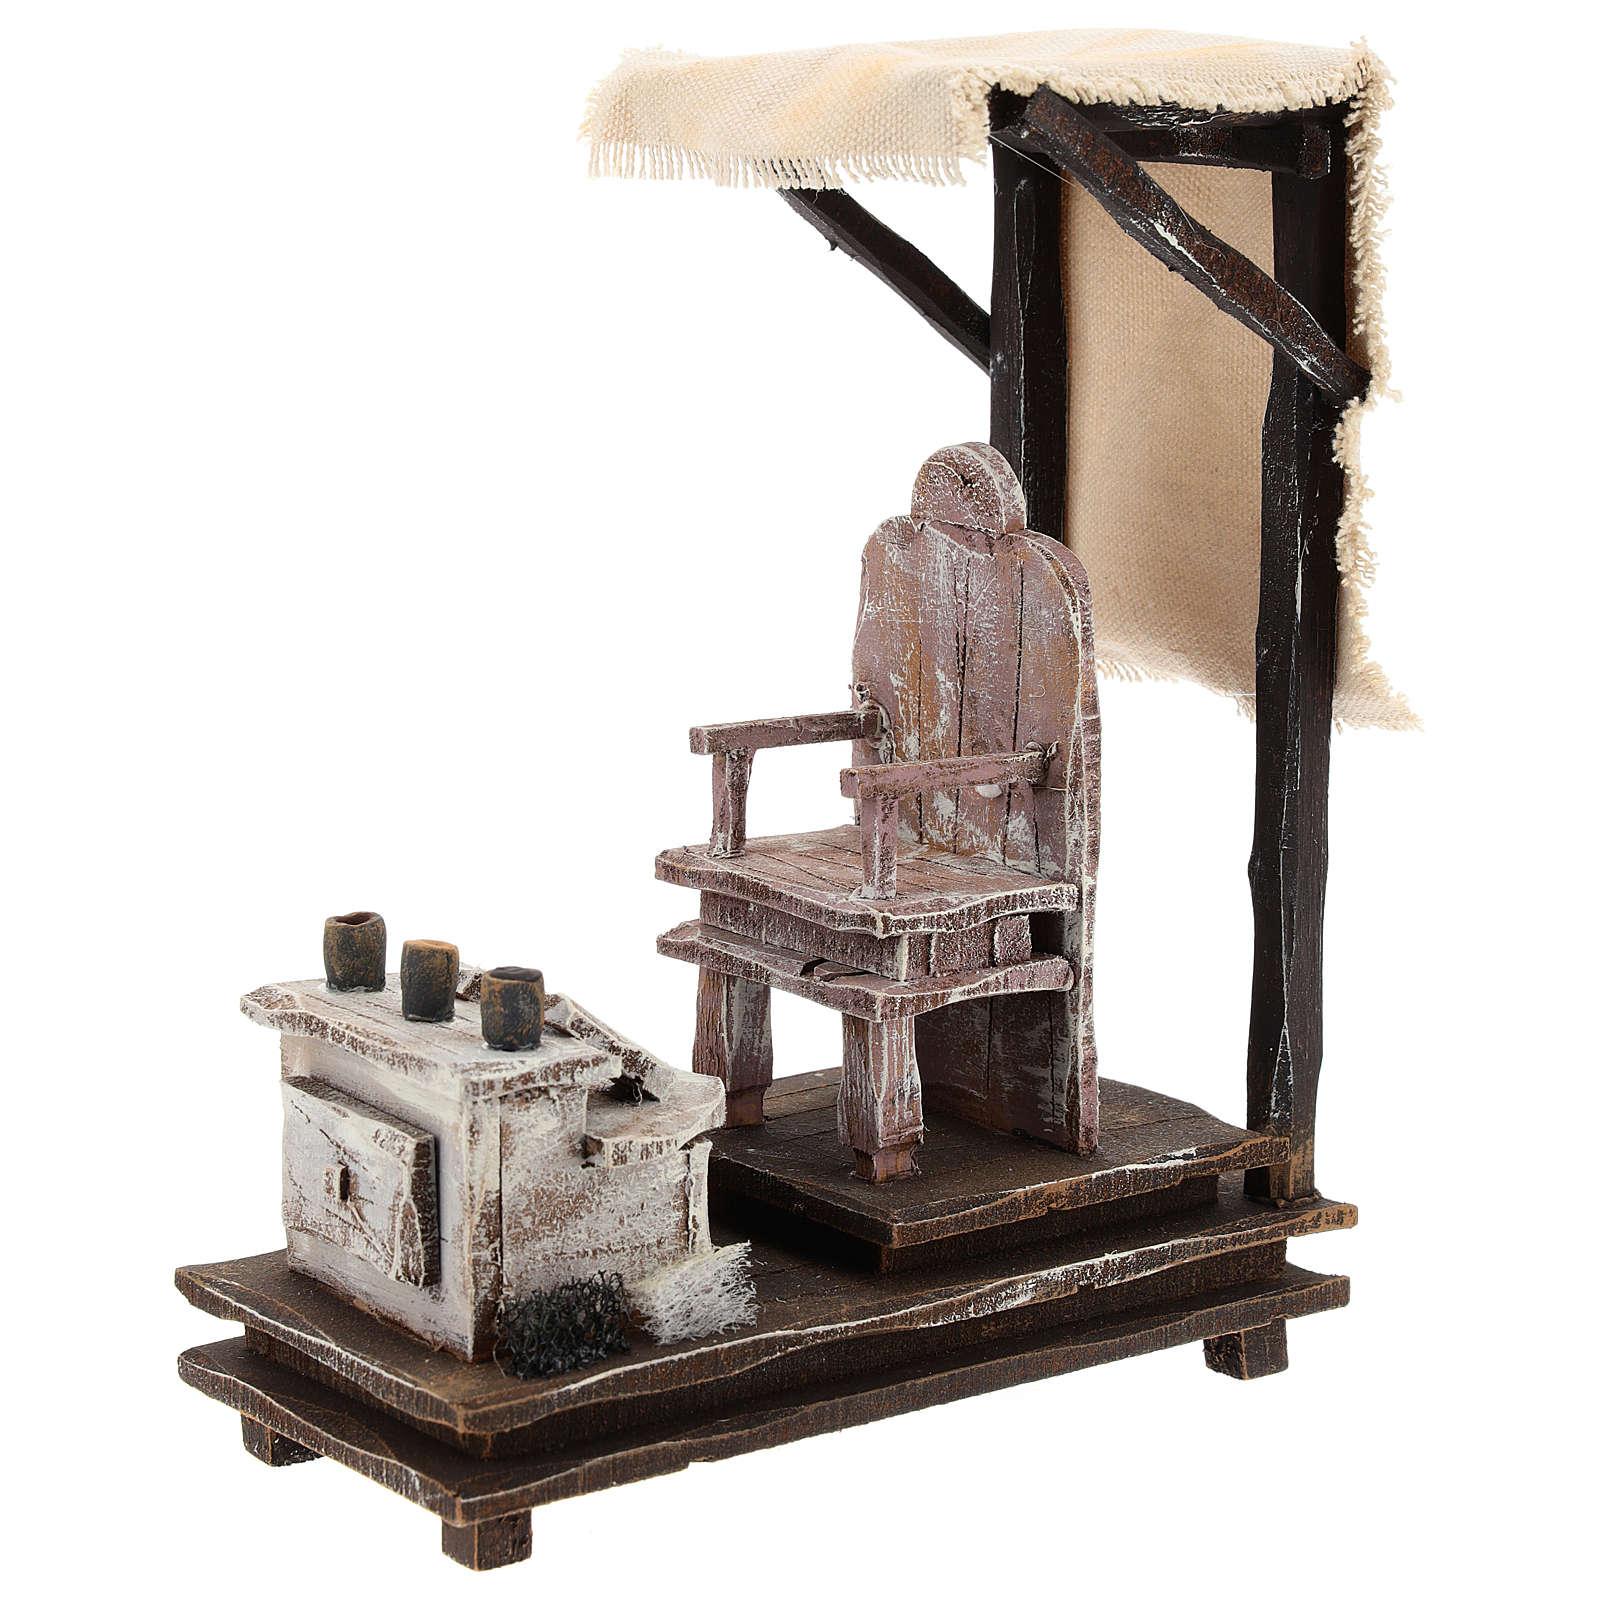 Escena limpiabotas con herramientas belén 12 cm 4